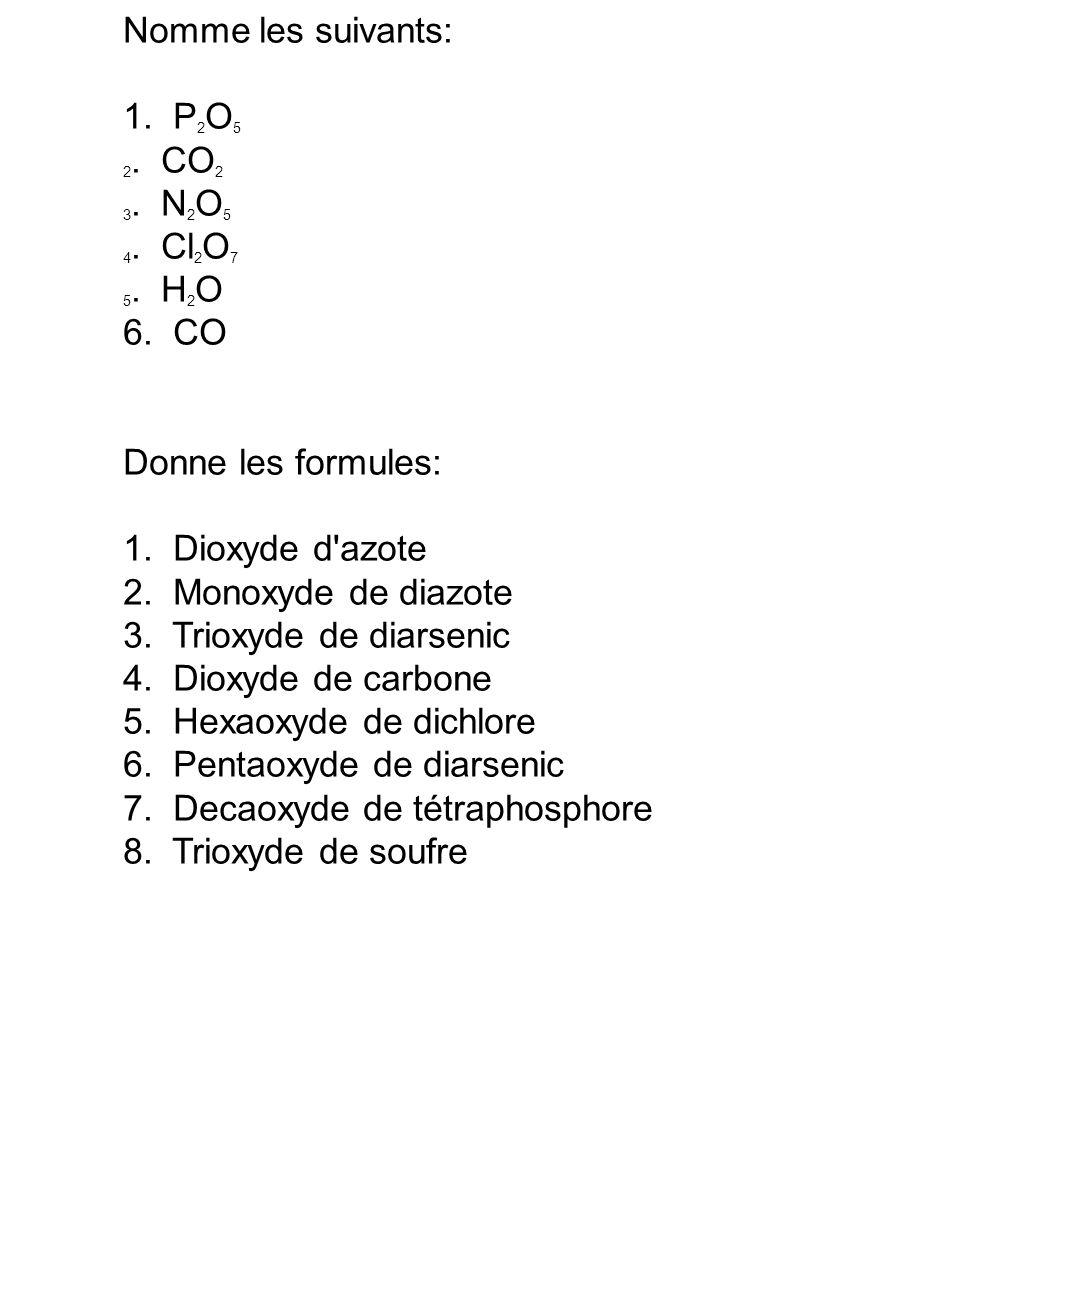 6. Pentaoxyde de diarsenic 7. Decaoxyde de tétraphosphore